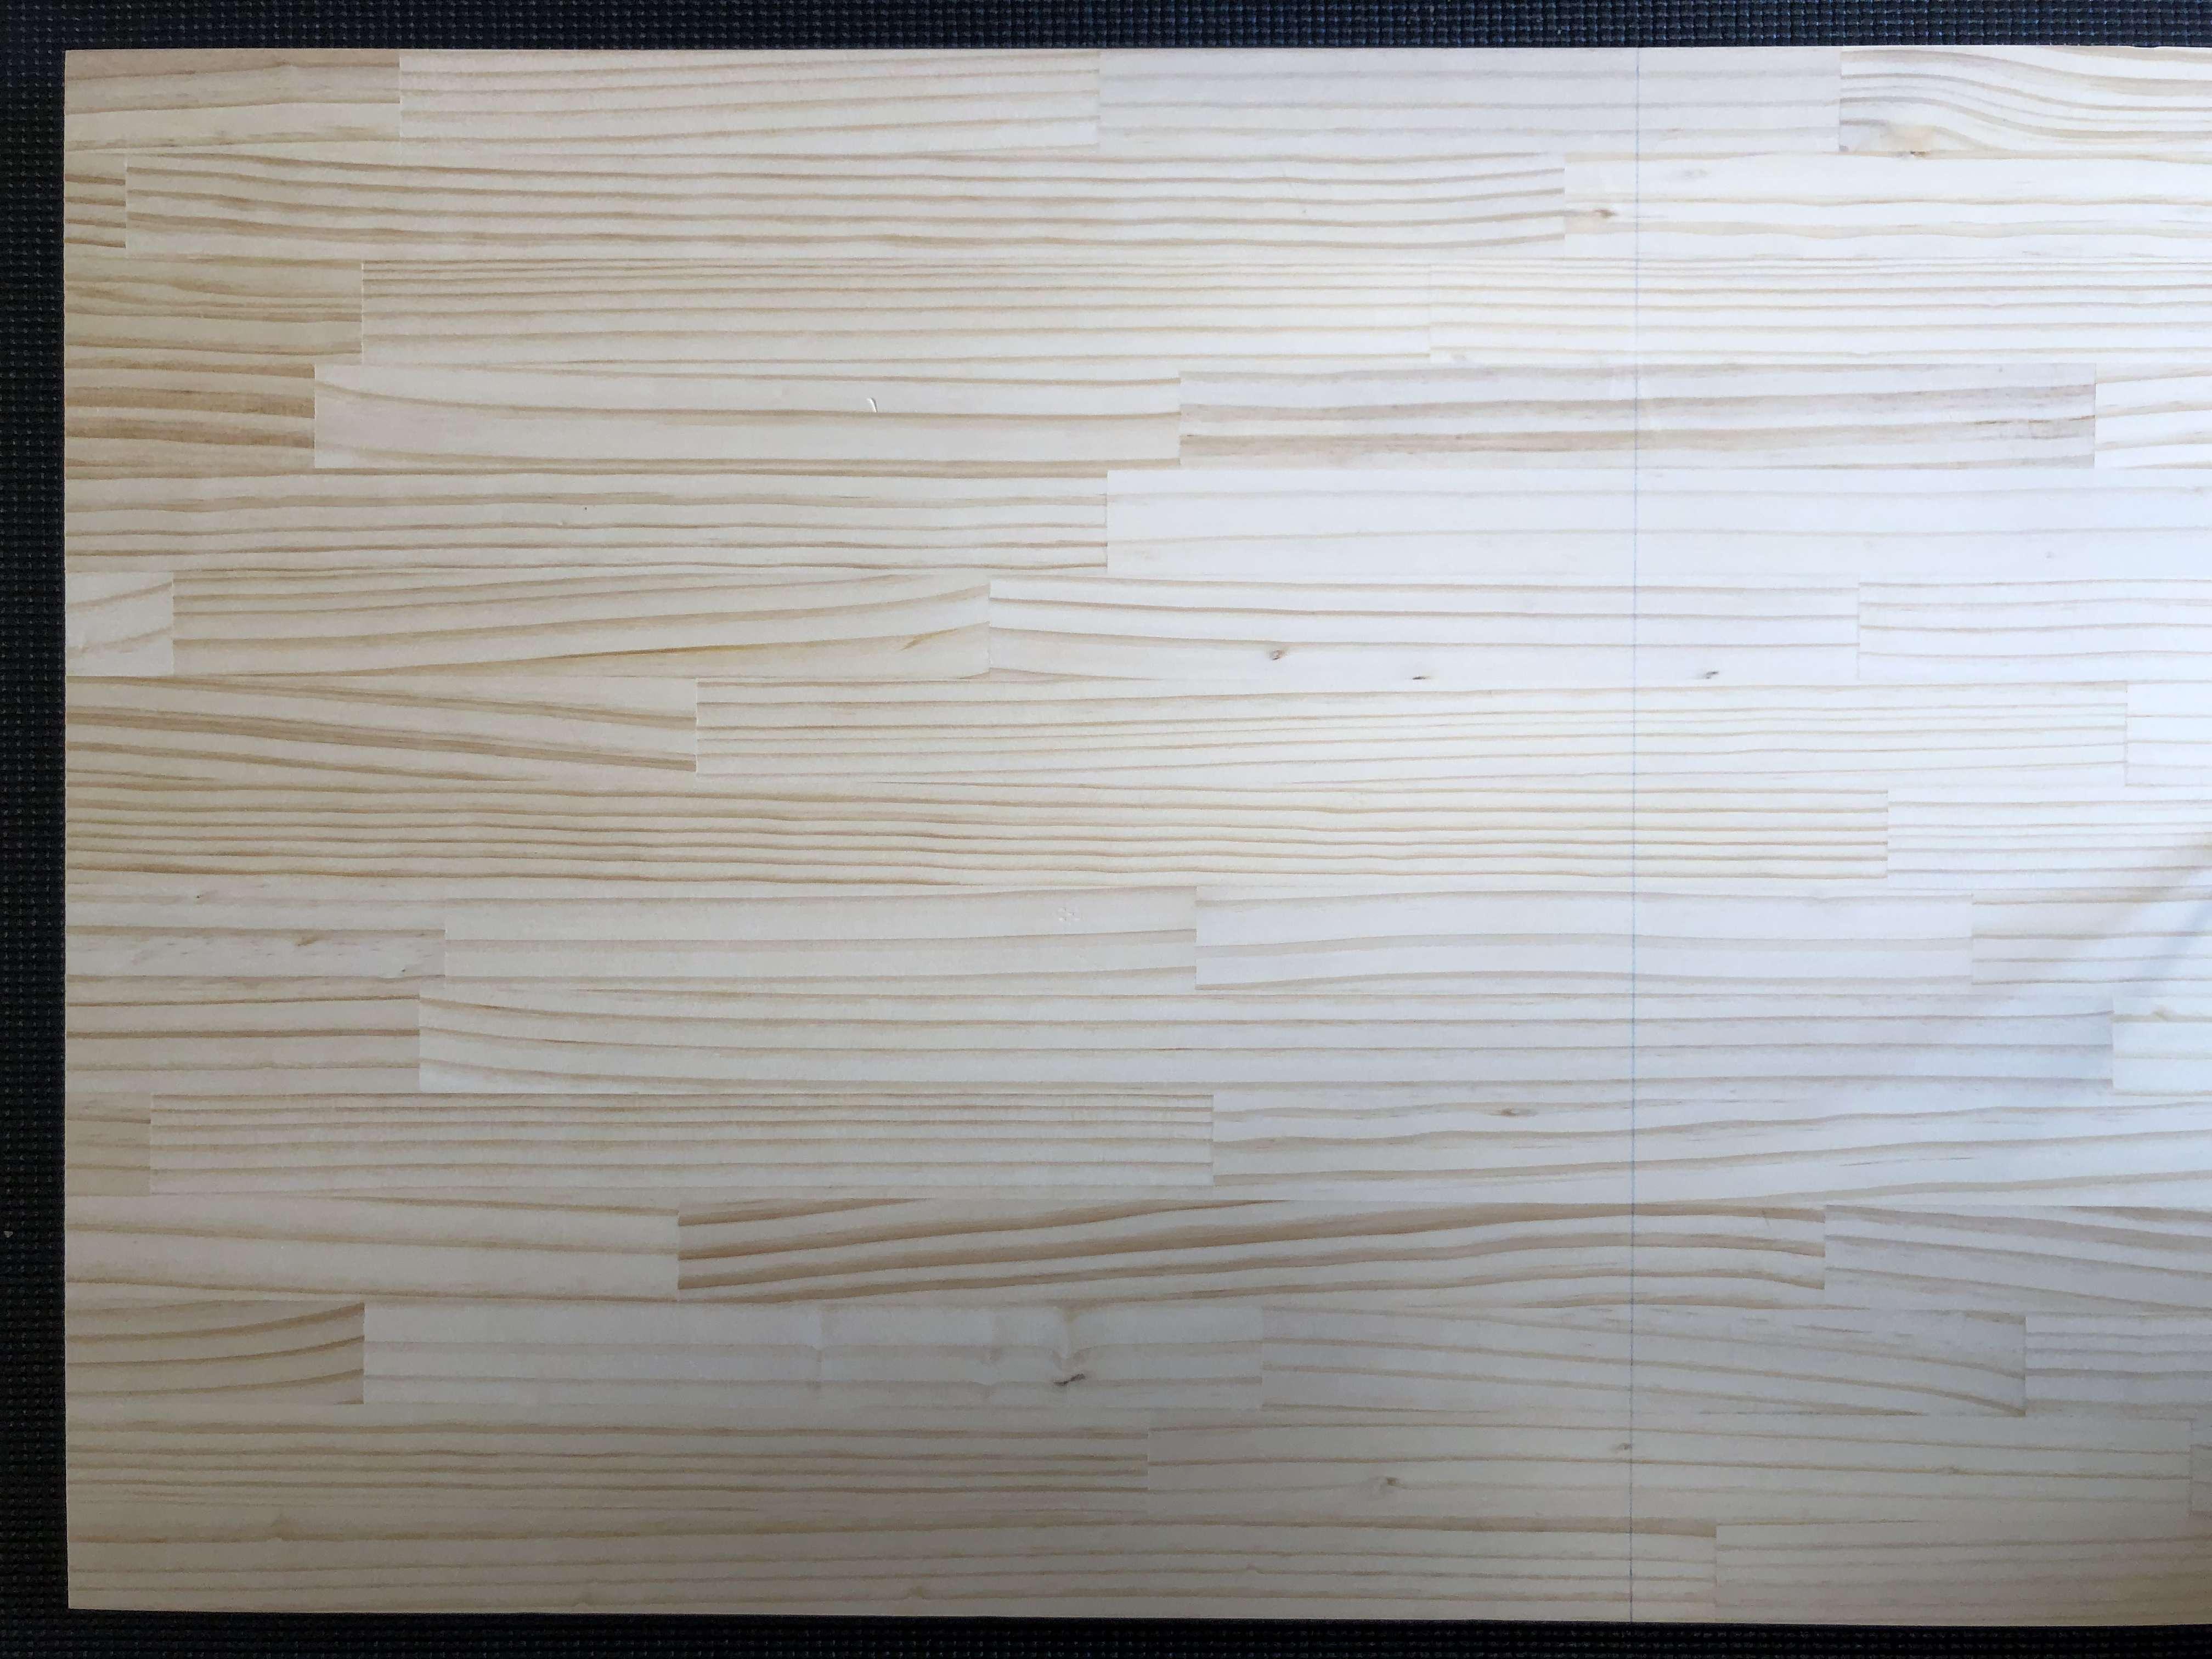 テーブル-DIY-作り方-パイン材-天板